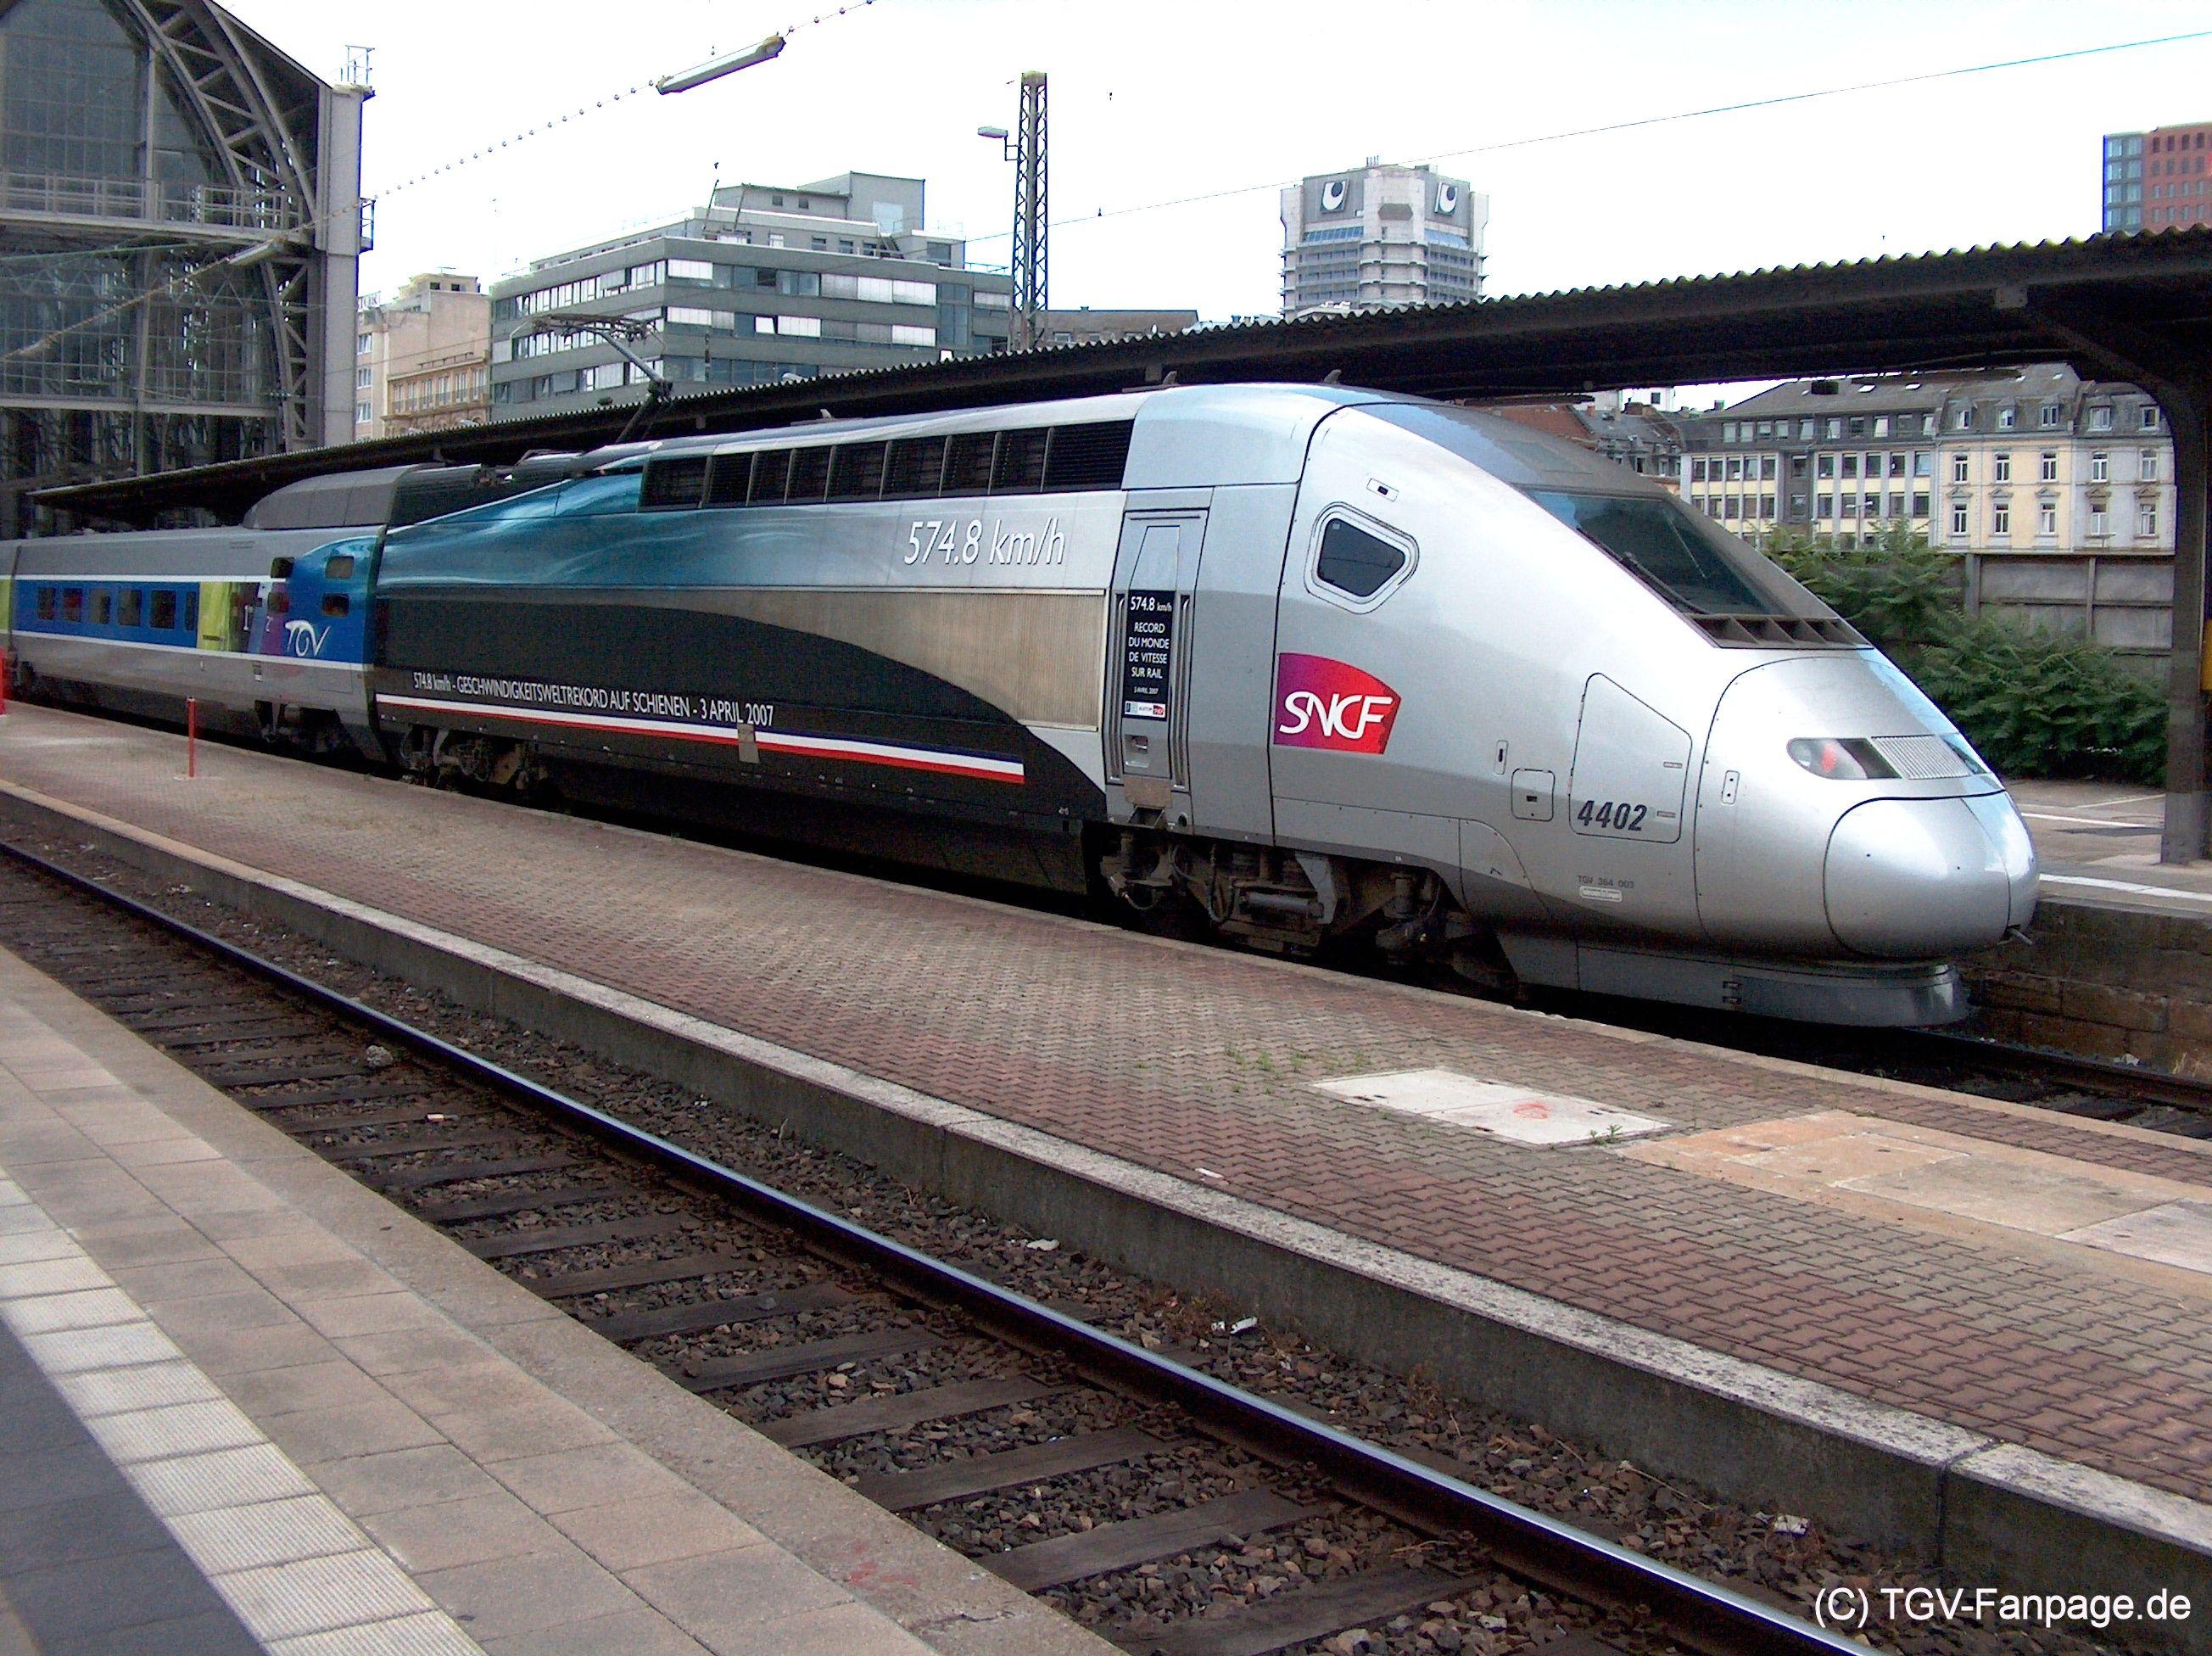 Comboio de alta velocidade: o TGV - Apoio Escolar Online | Comboio, Trens,  Locomotiva